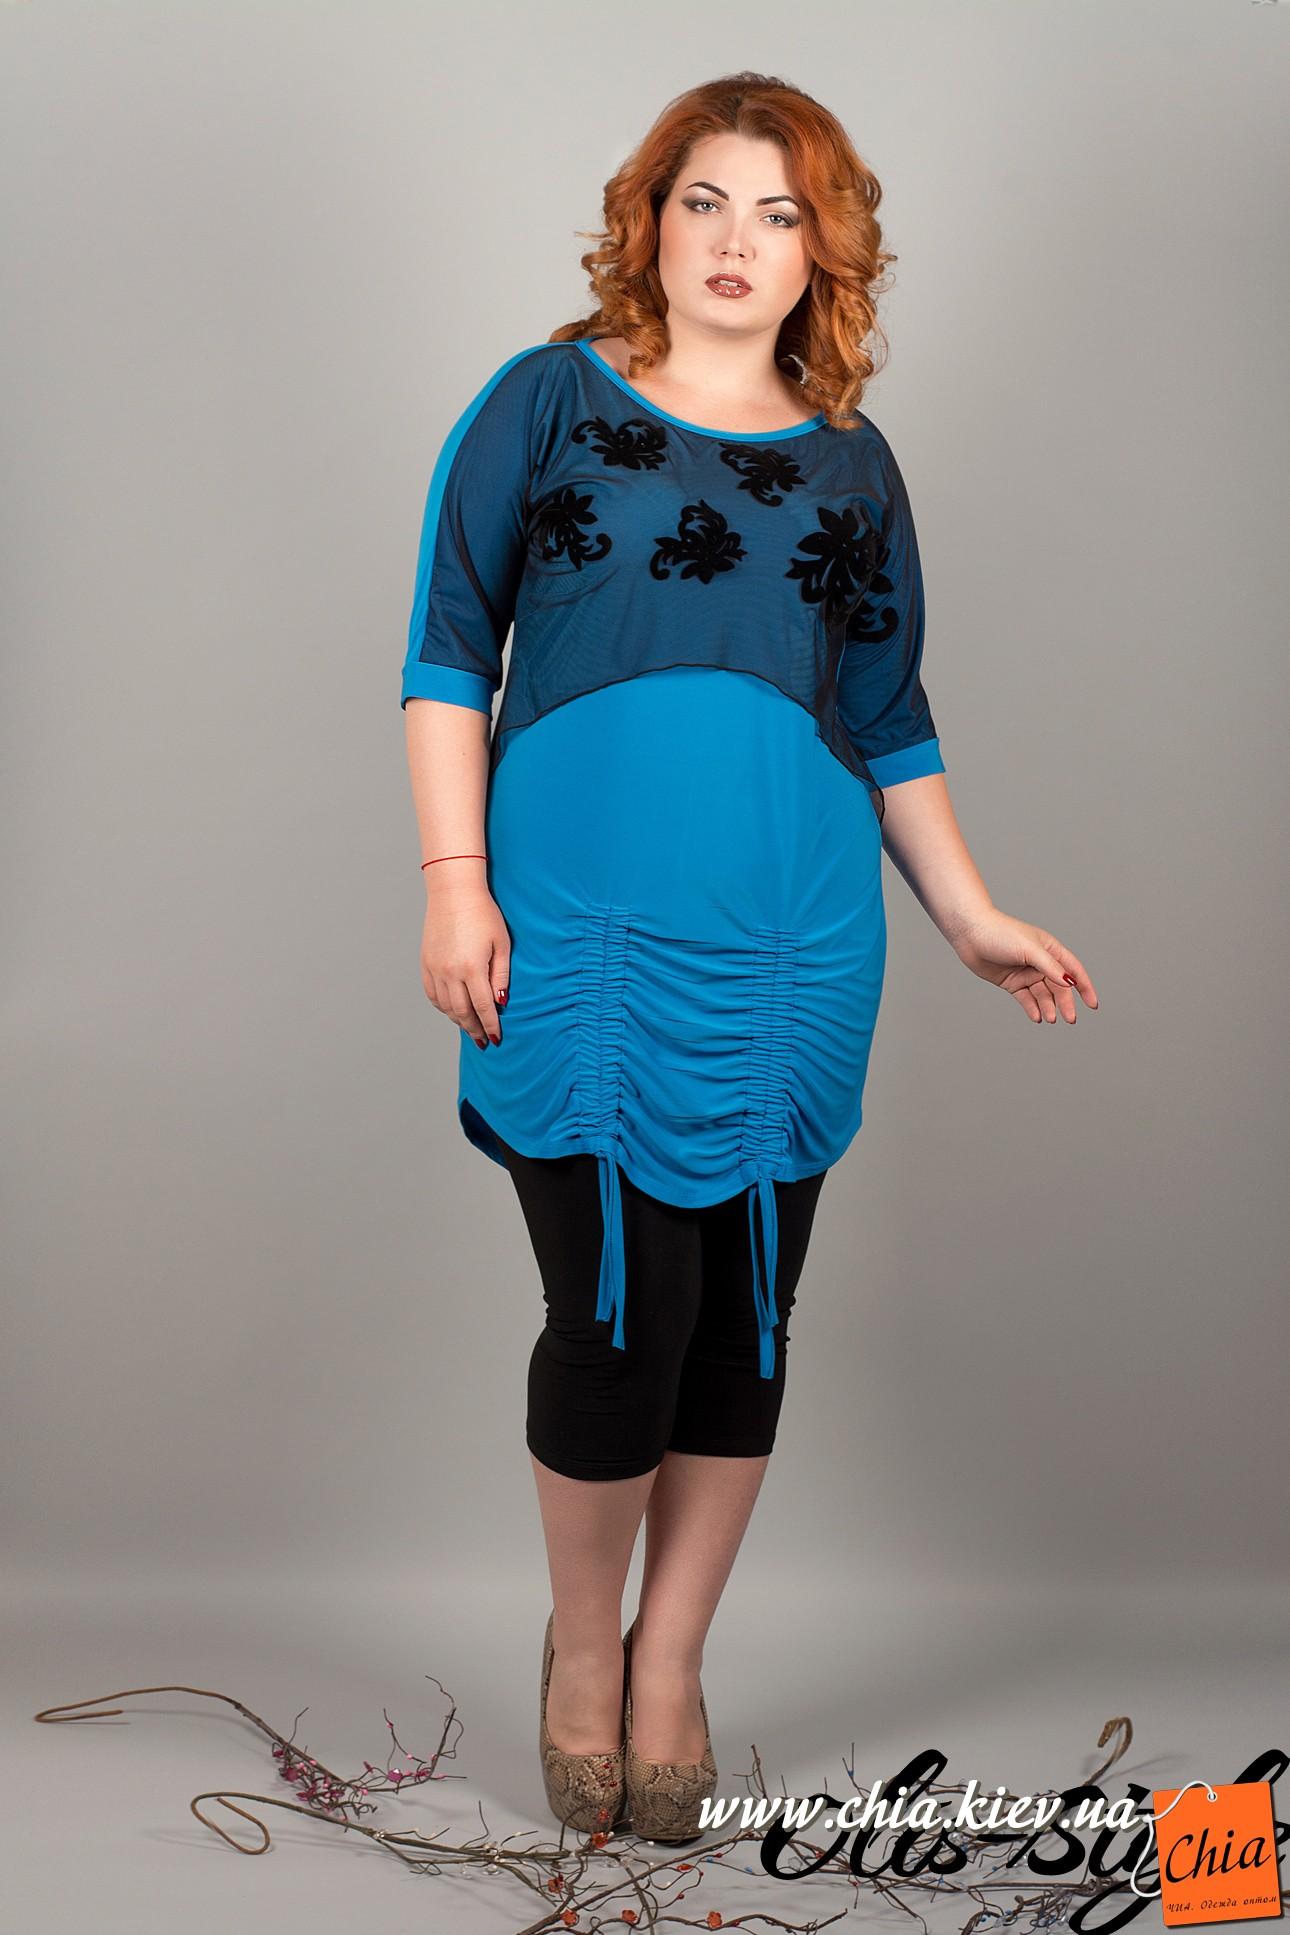 Недорогие платья больших размеров купить с доставкой